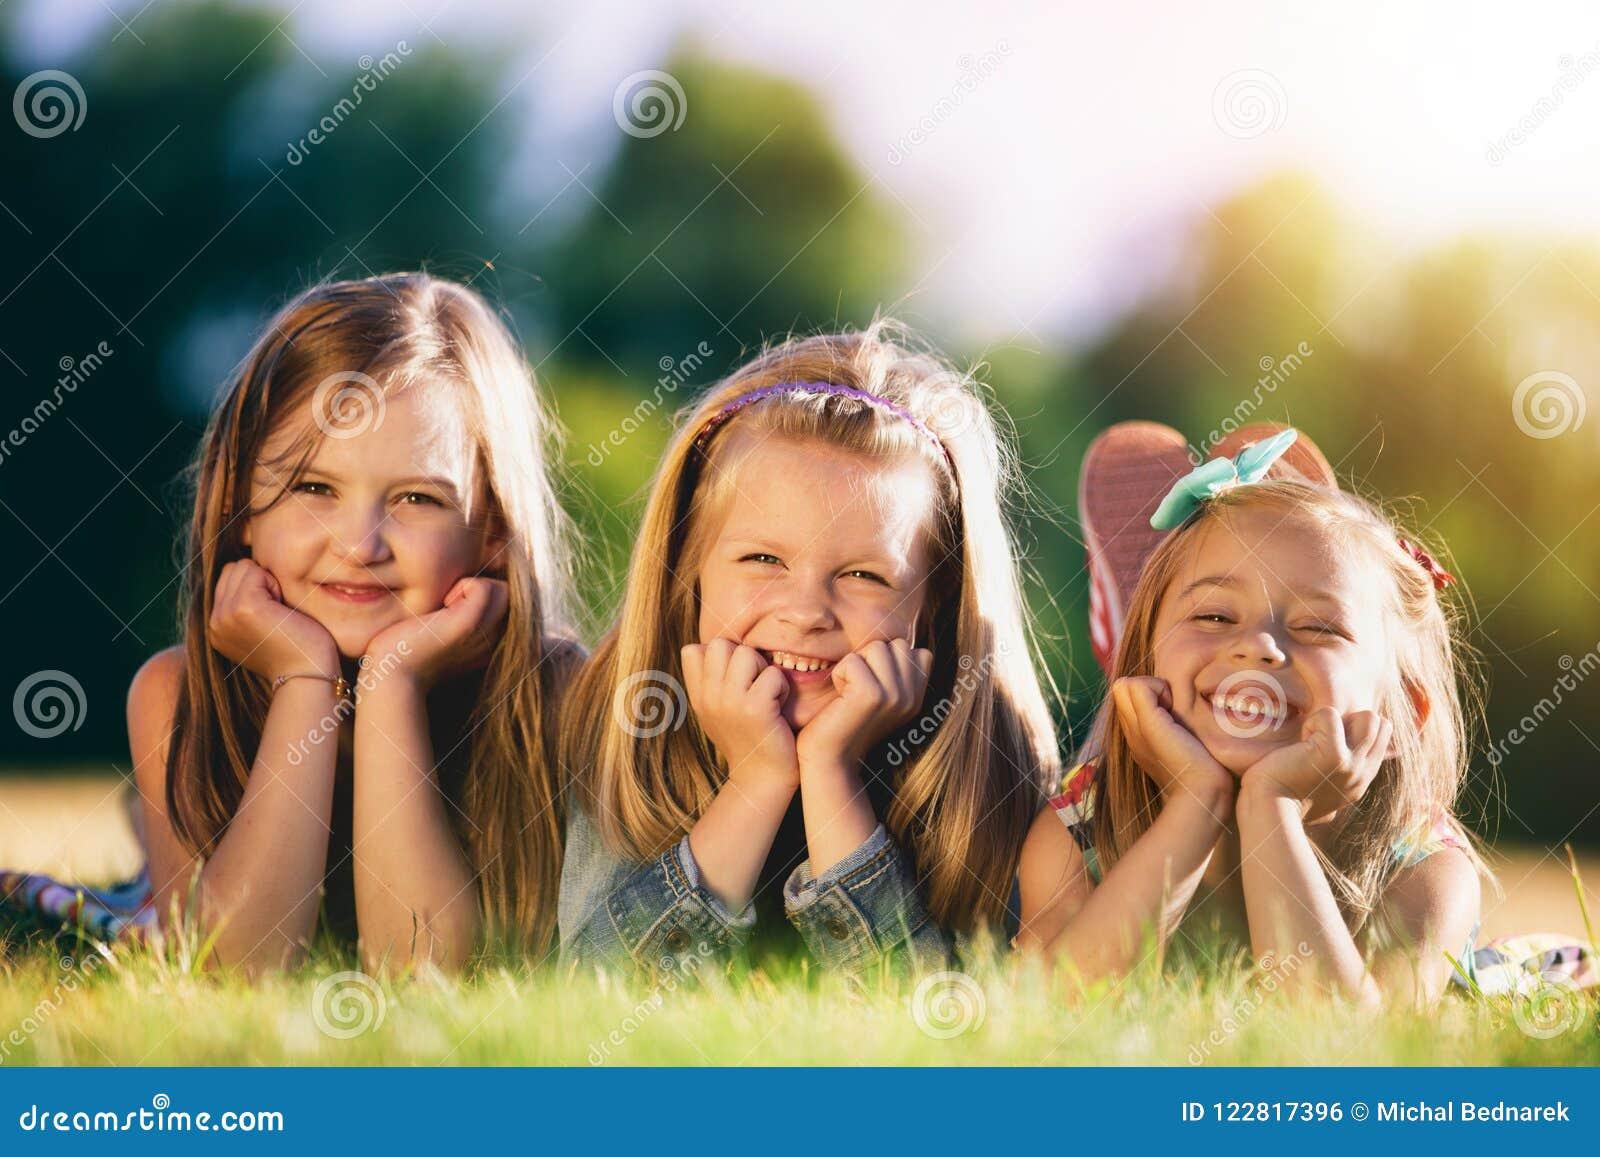 Drei lächelnde kleine Mädchen, die auf das Gras im Park legen